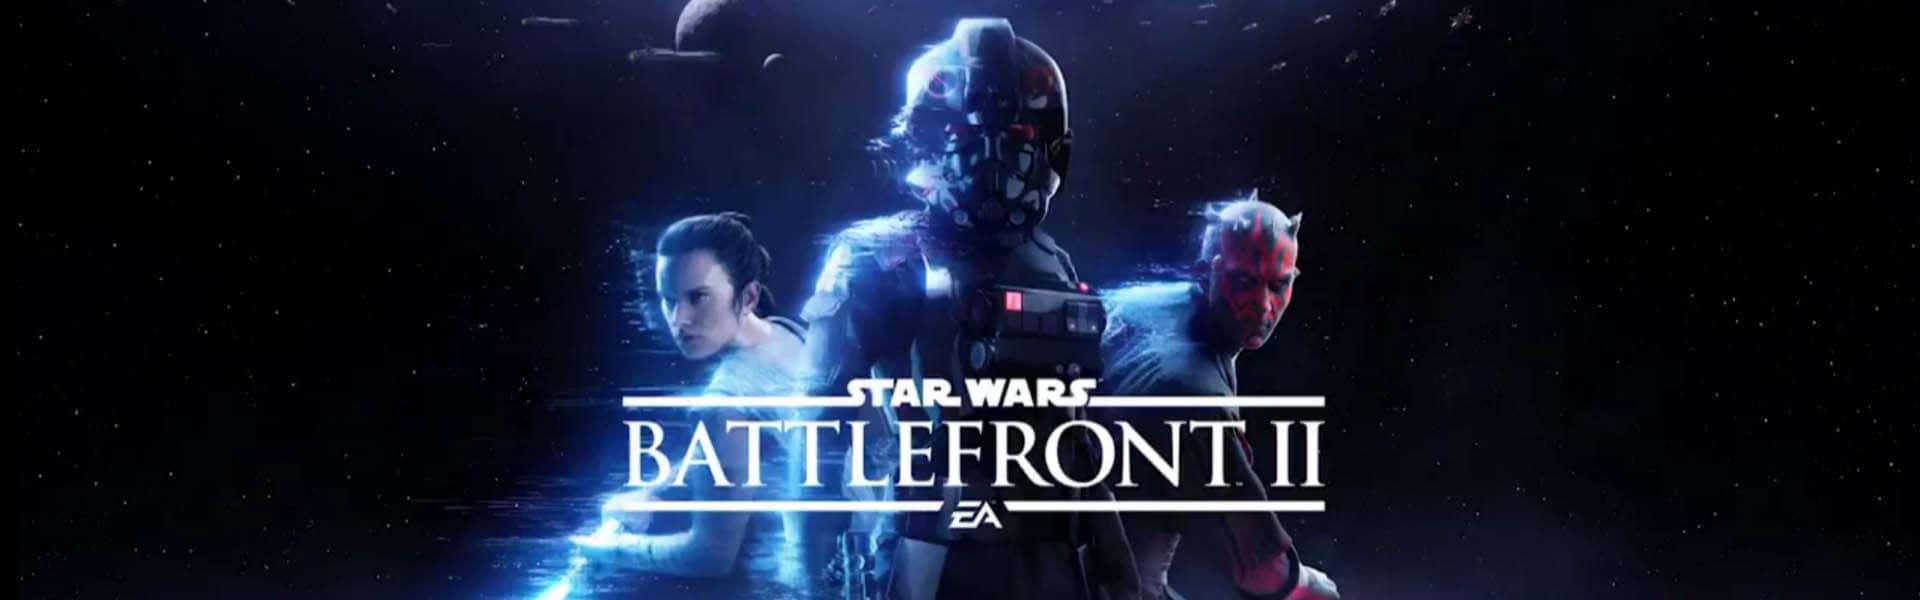 best settings for battlefront 2